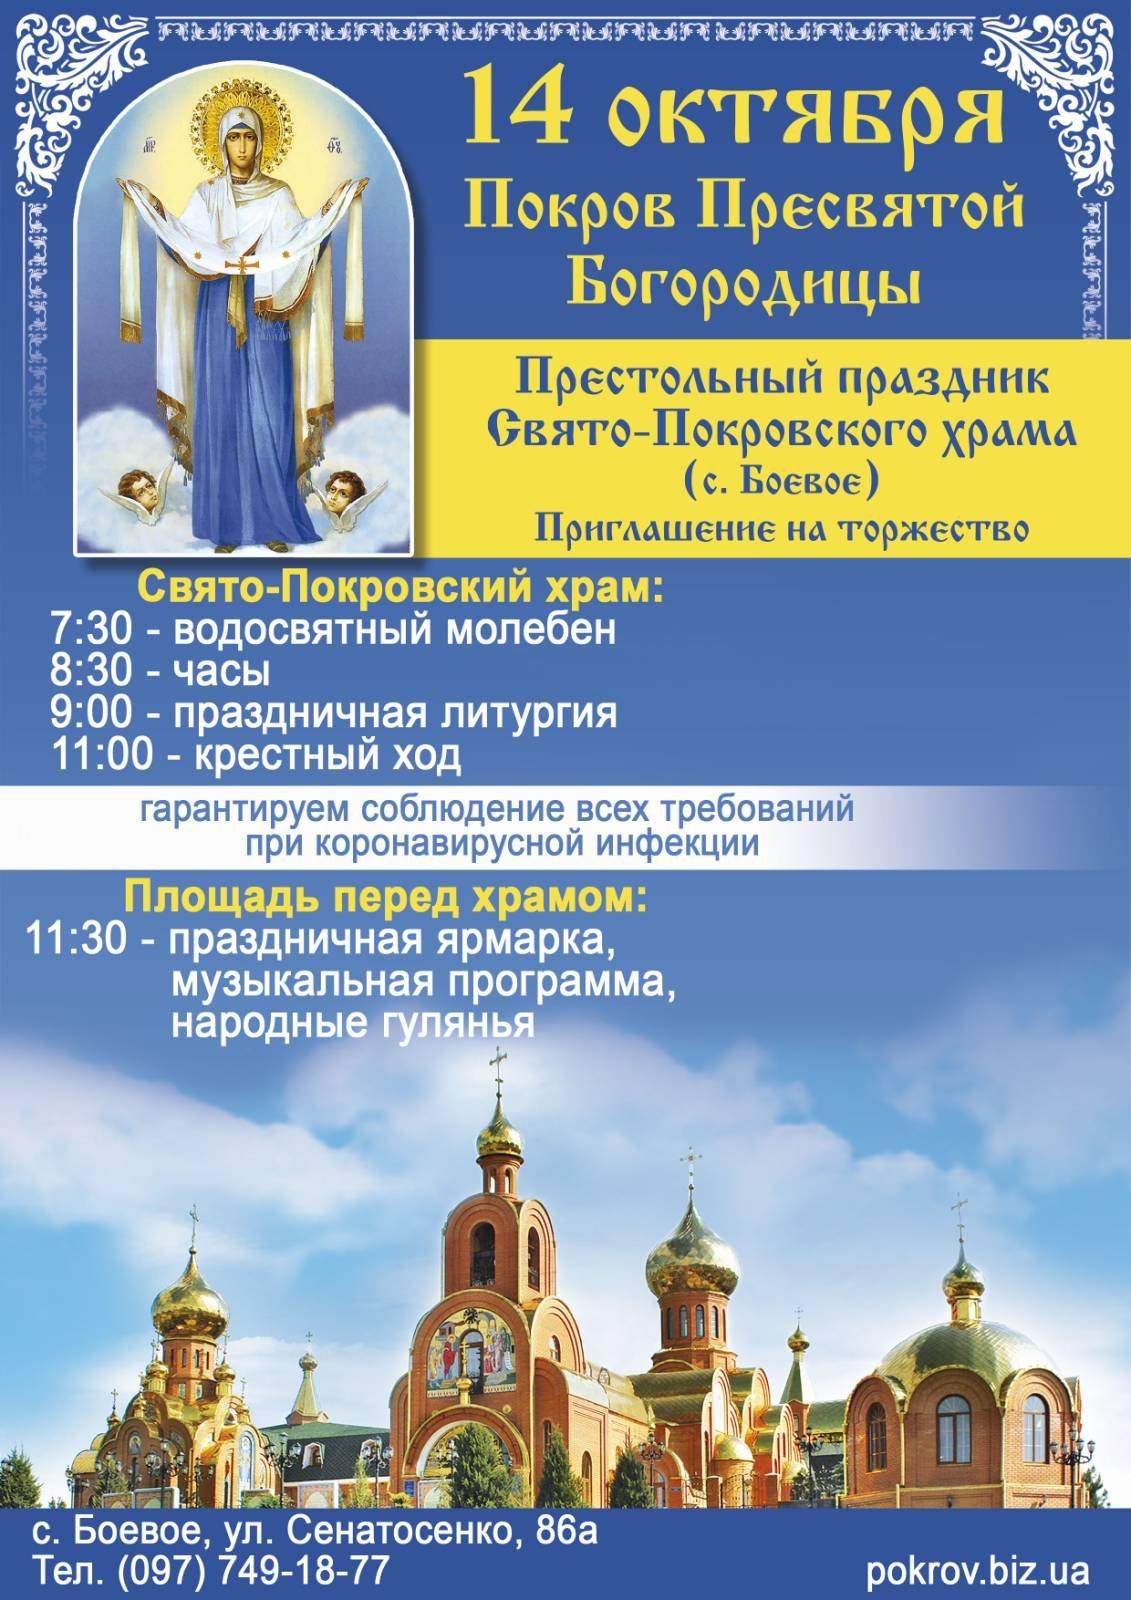 14 октября Покров Пресвятой Богородицы в селе Боевое, фото-1